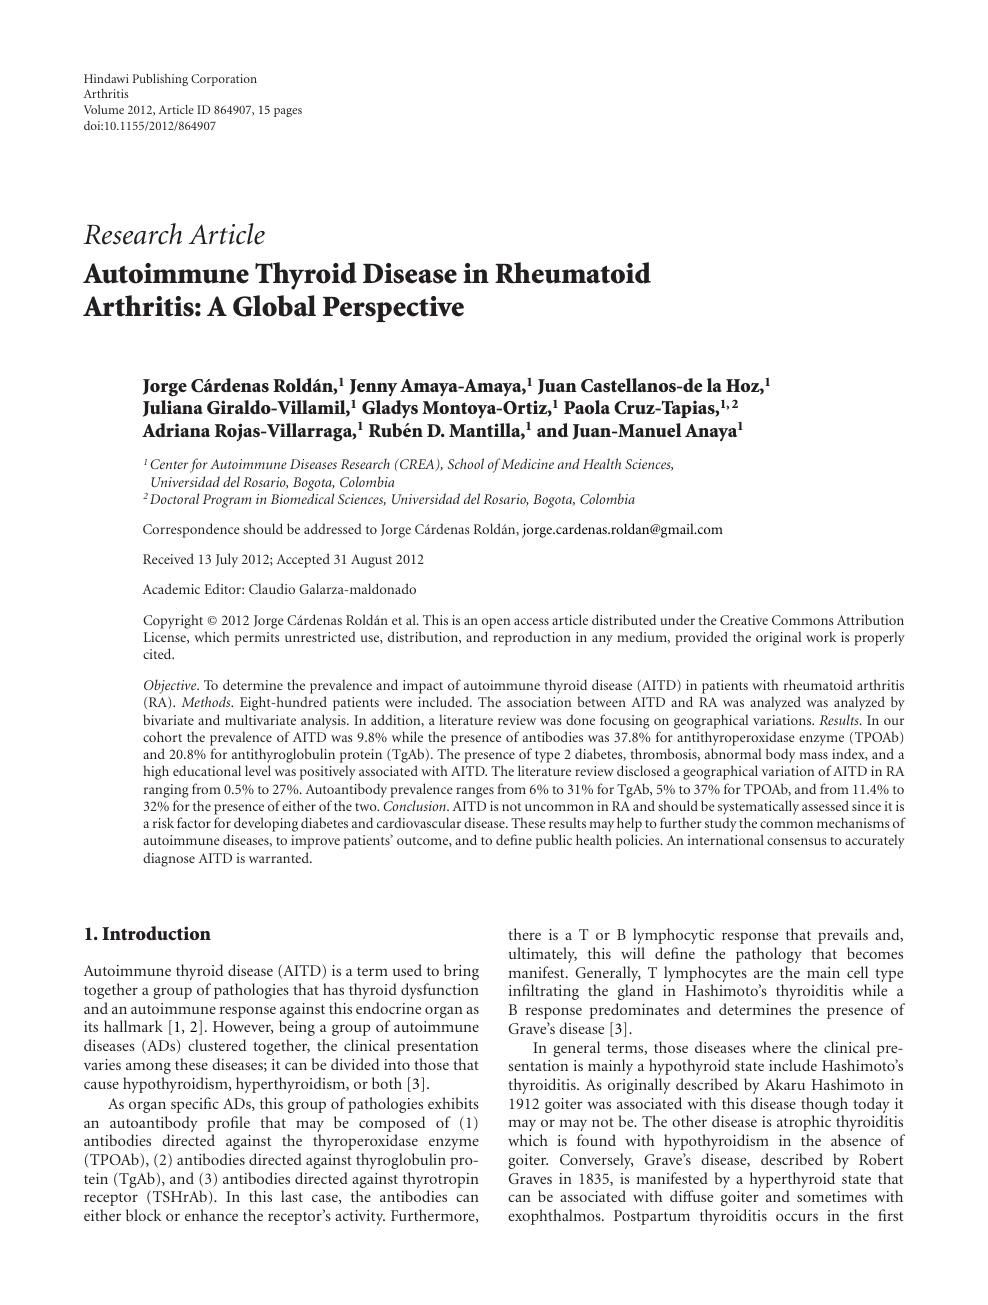 Autoimmune Thyroid Disease in Rheumatoid Arthritis: A Global